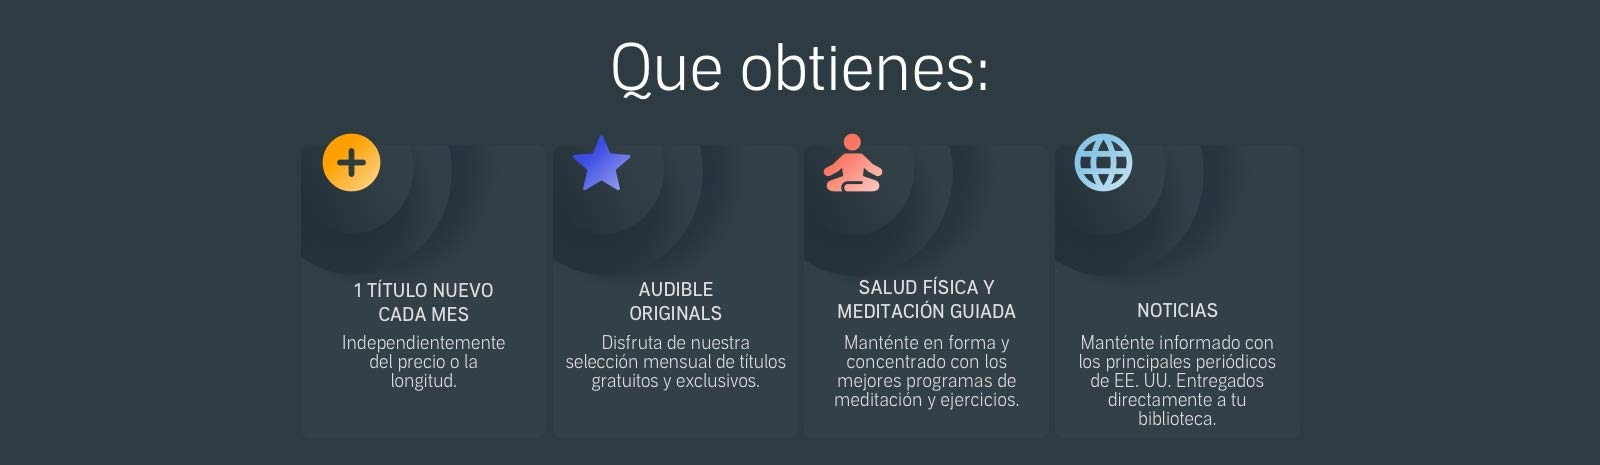 Que obtienes con Audible: 1 titulo nuevo cada mes, Audible Originals, Salud fisica y meditacion guiada, y noticas.